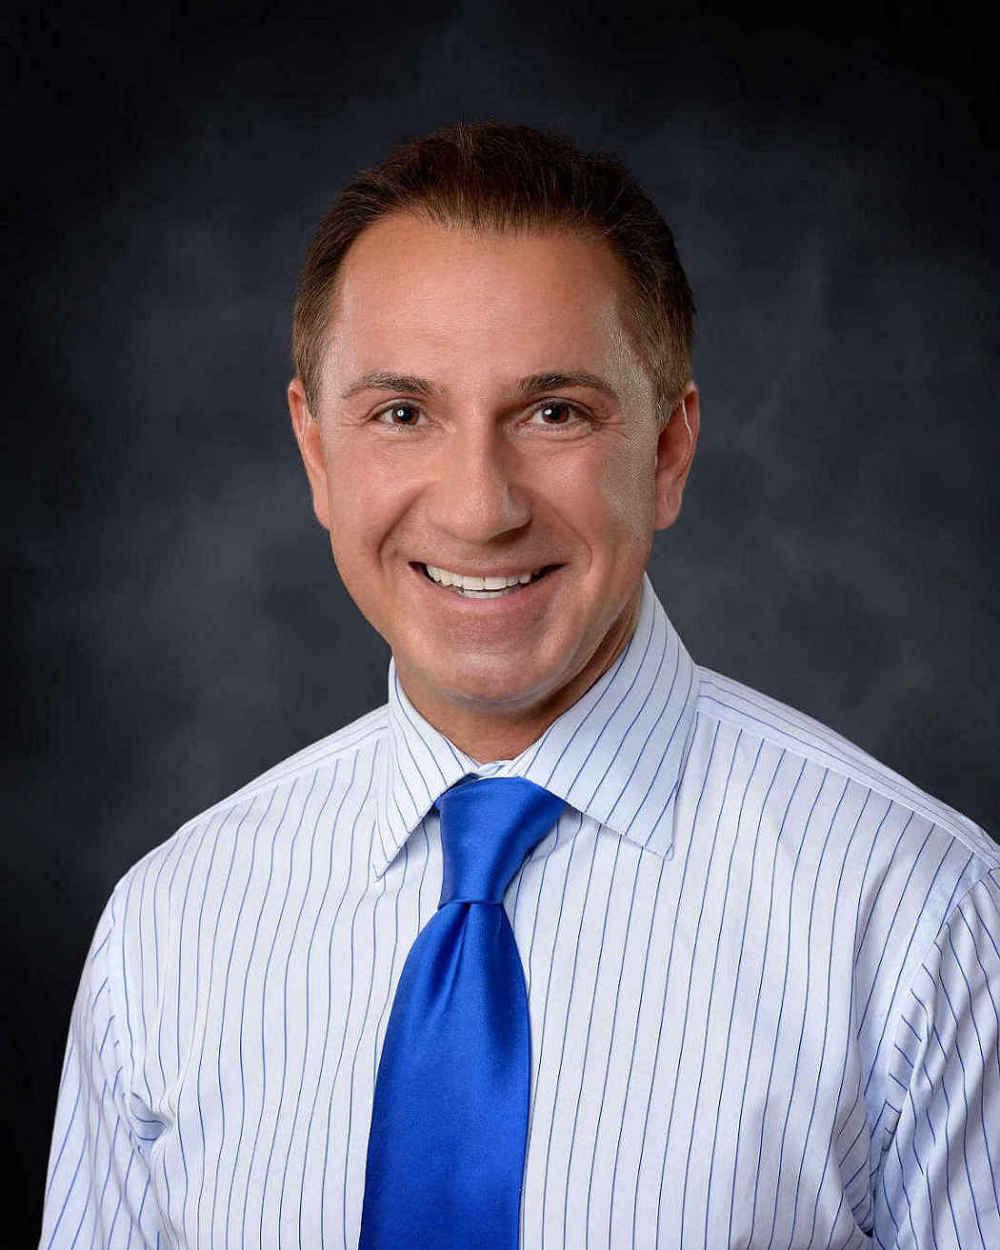 John Marazzi, Owner